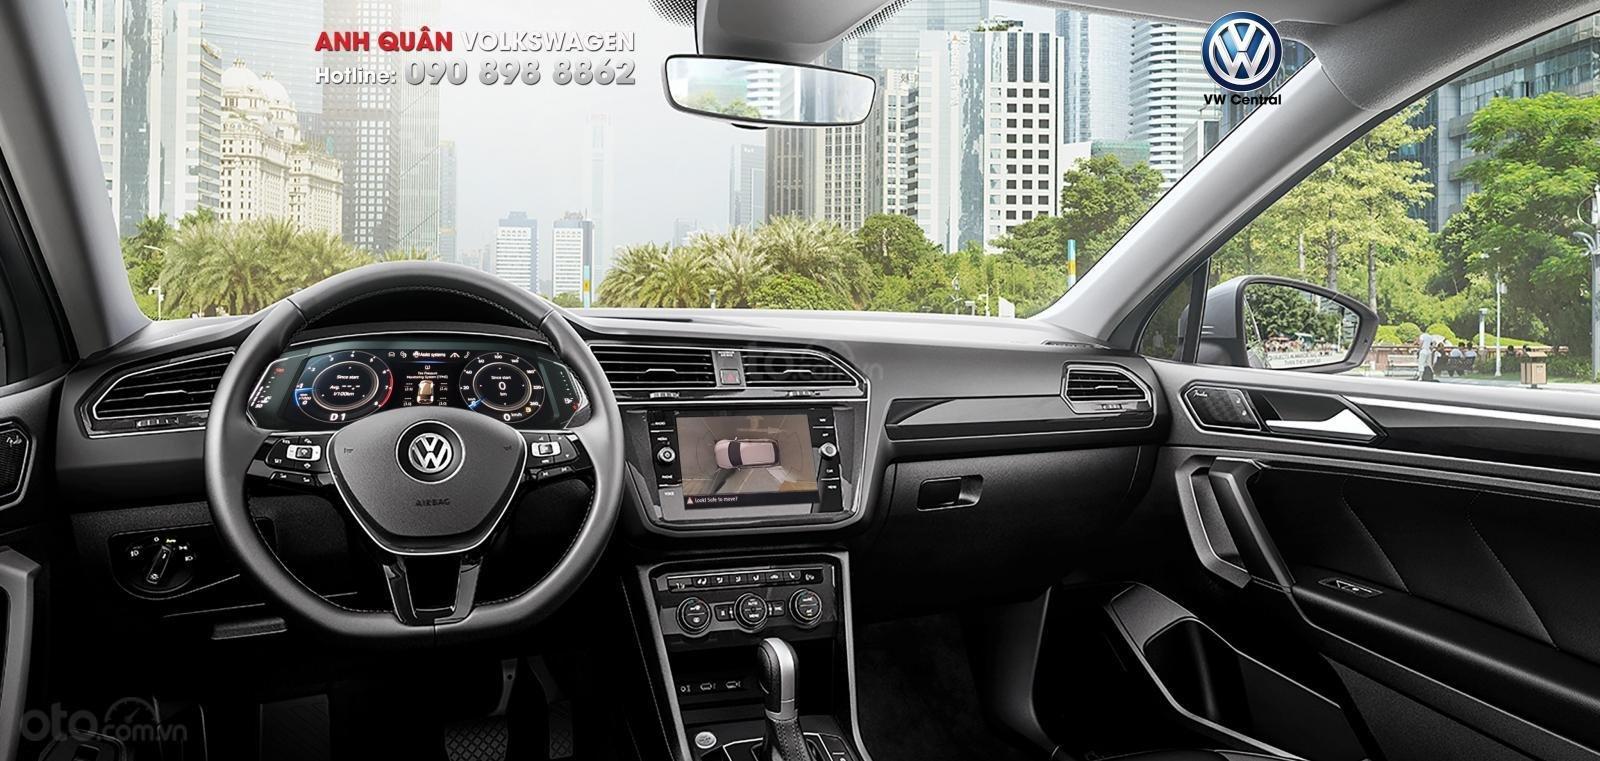 Tiguan Allspace Luxury 2020 - nhập khẩu, đủ màu, giao ngay|Hotline: 090-898-8862 (Anh Quân - VW Sài Gòn) (6)